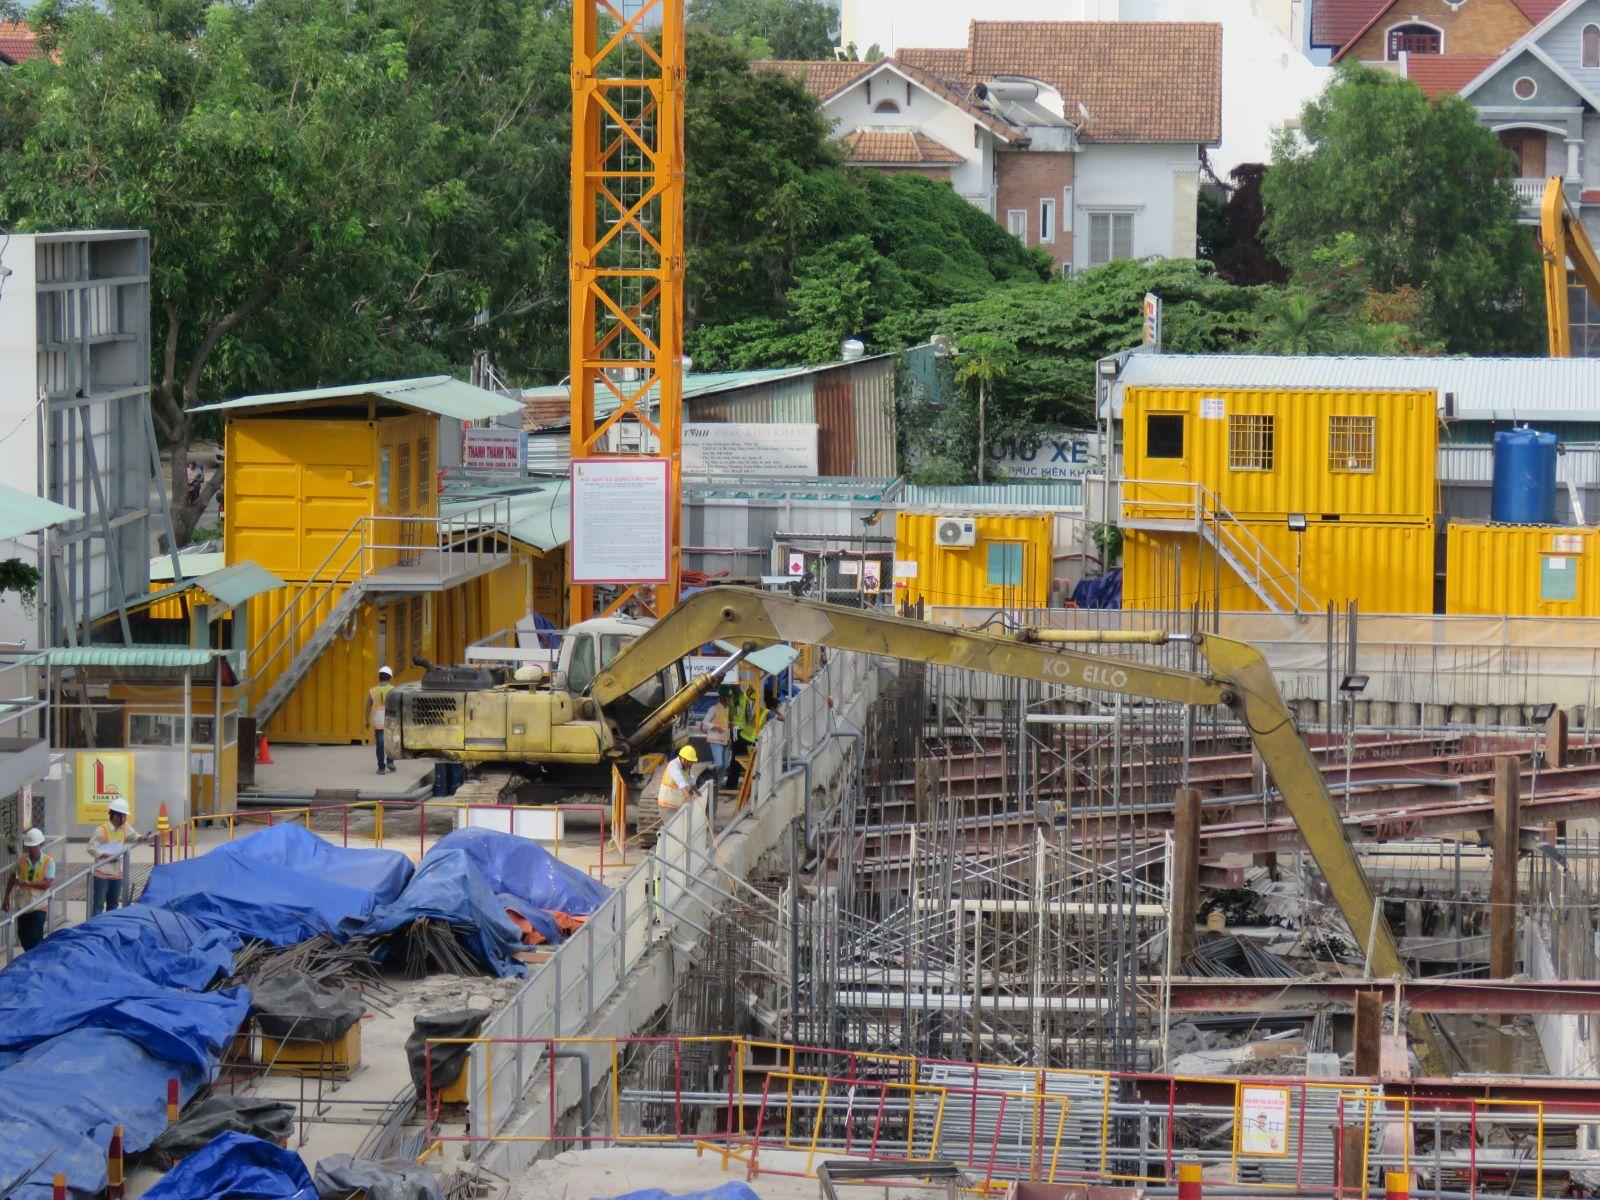 Mặc dù gây hậu quả cho các hộ dân cực kỳ nghiêm trọng nhưng công trình vẫn đang được thi công khẩn trương.